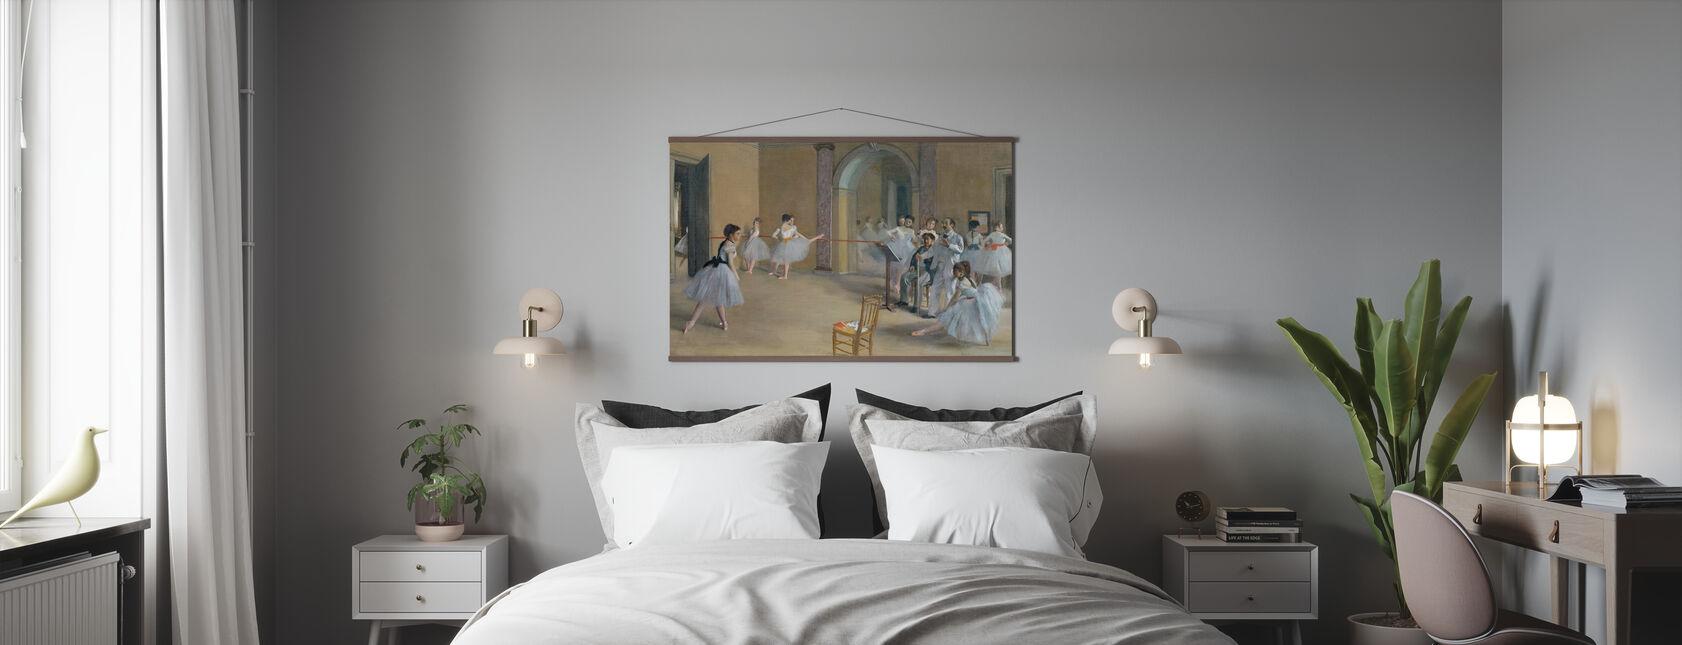 Foyer di danza all'Opera - Edgar Degas - Poster - Camera da letto